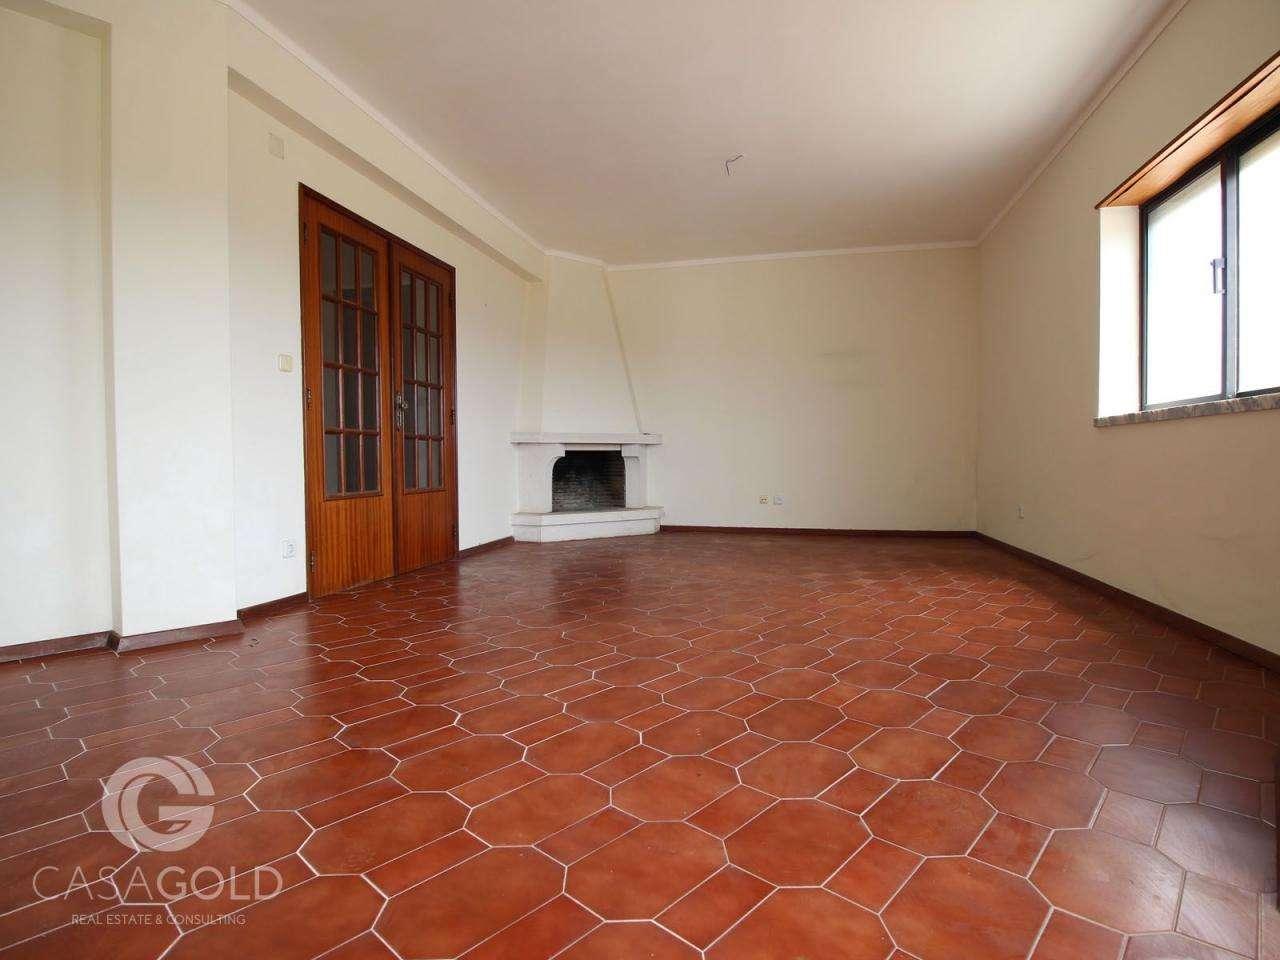 Apartamento para comprar, Caldas da Rainha - Nossa Senhora do Pópulo, Coto e São Gregório, Leiria - Foto 2